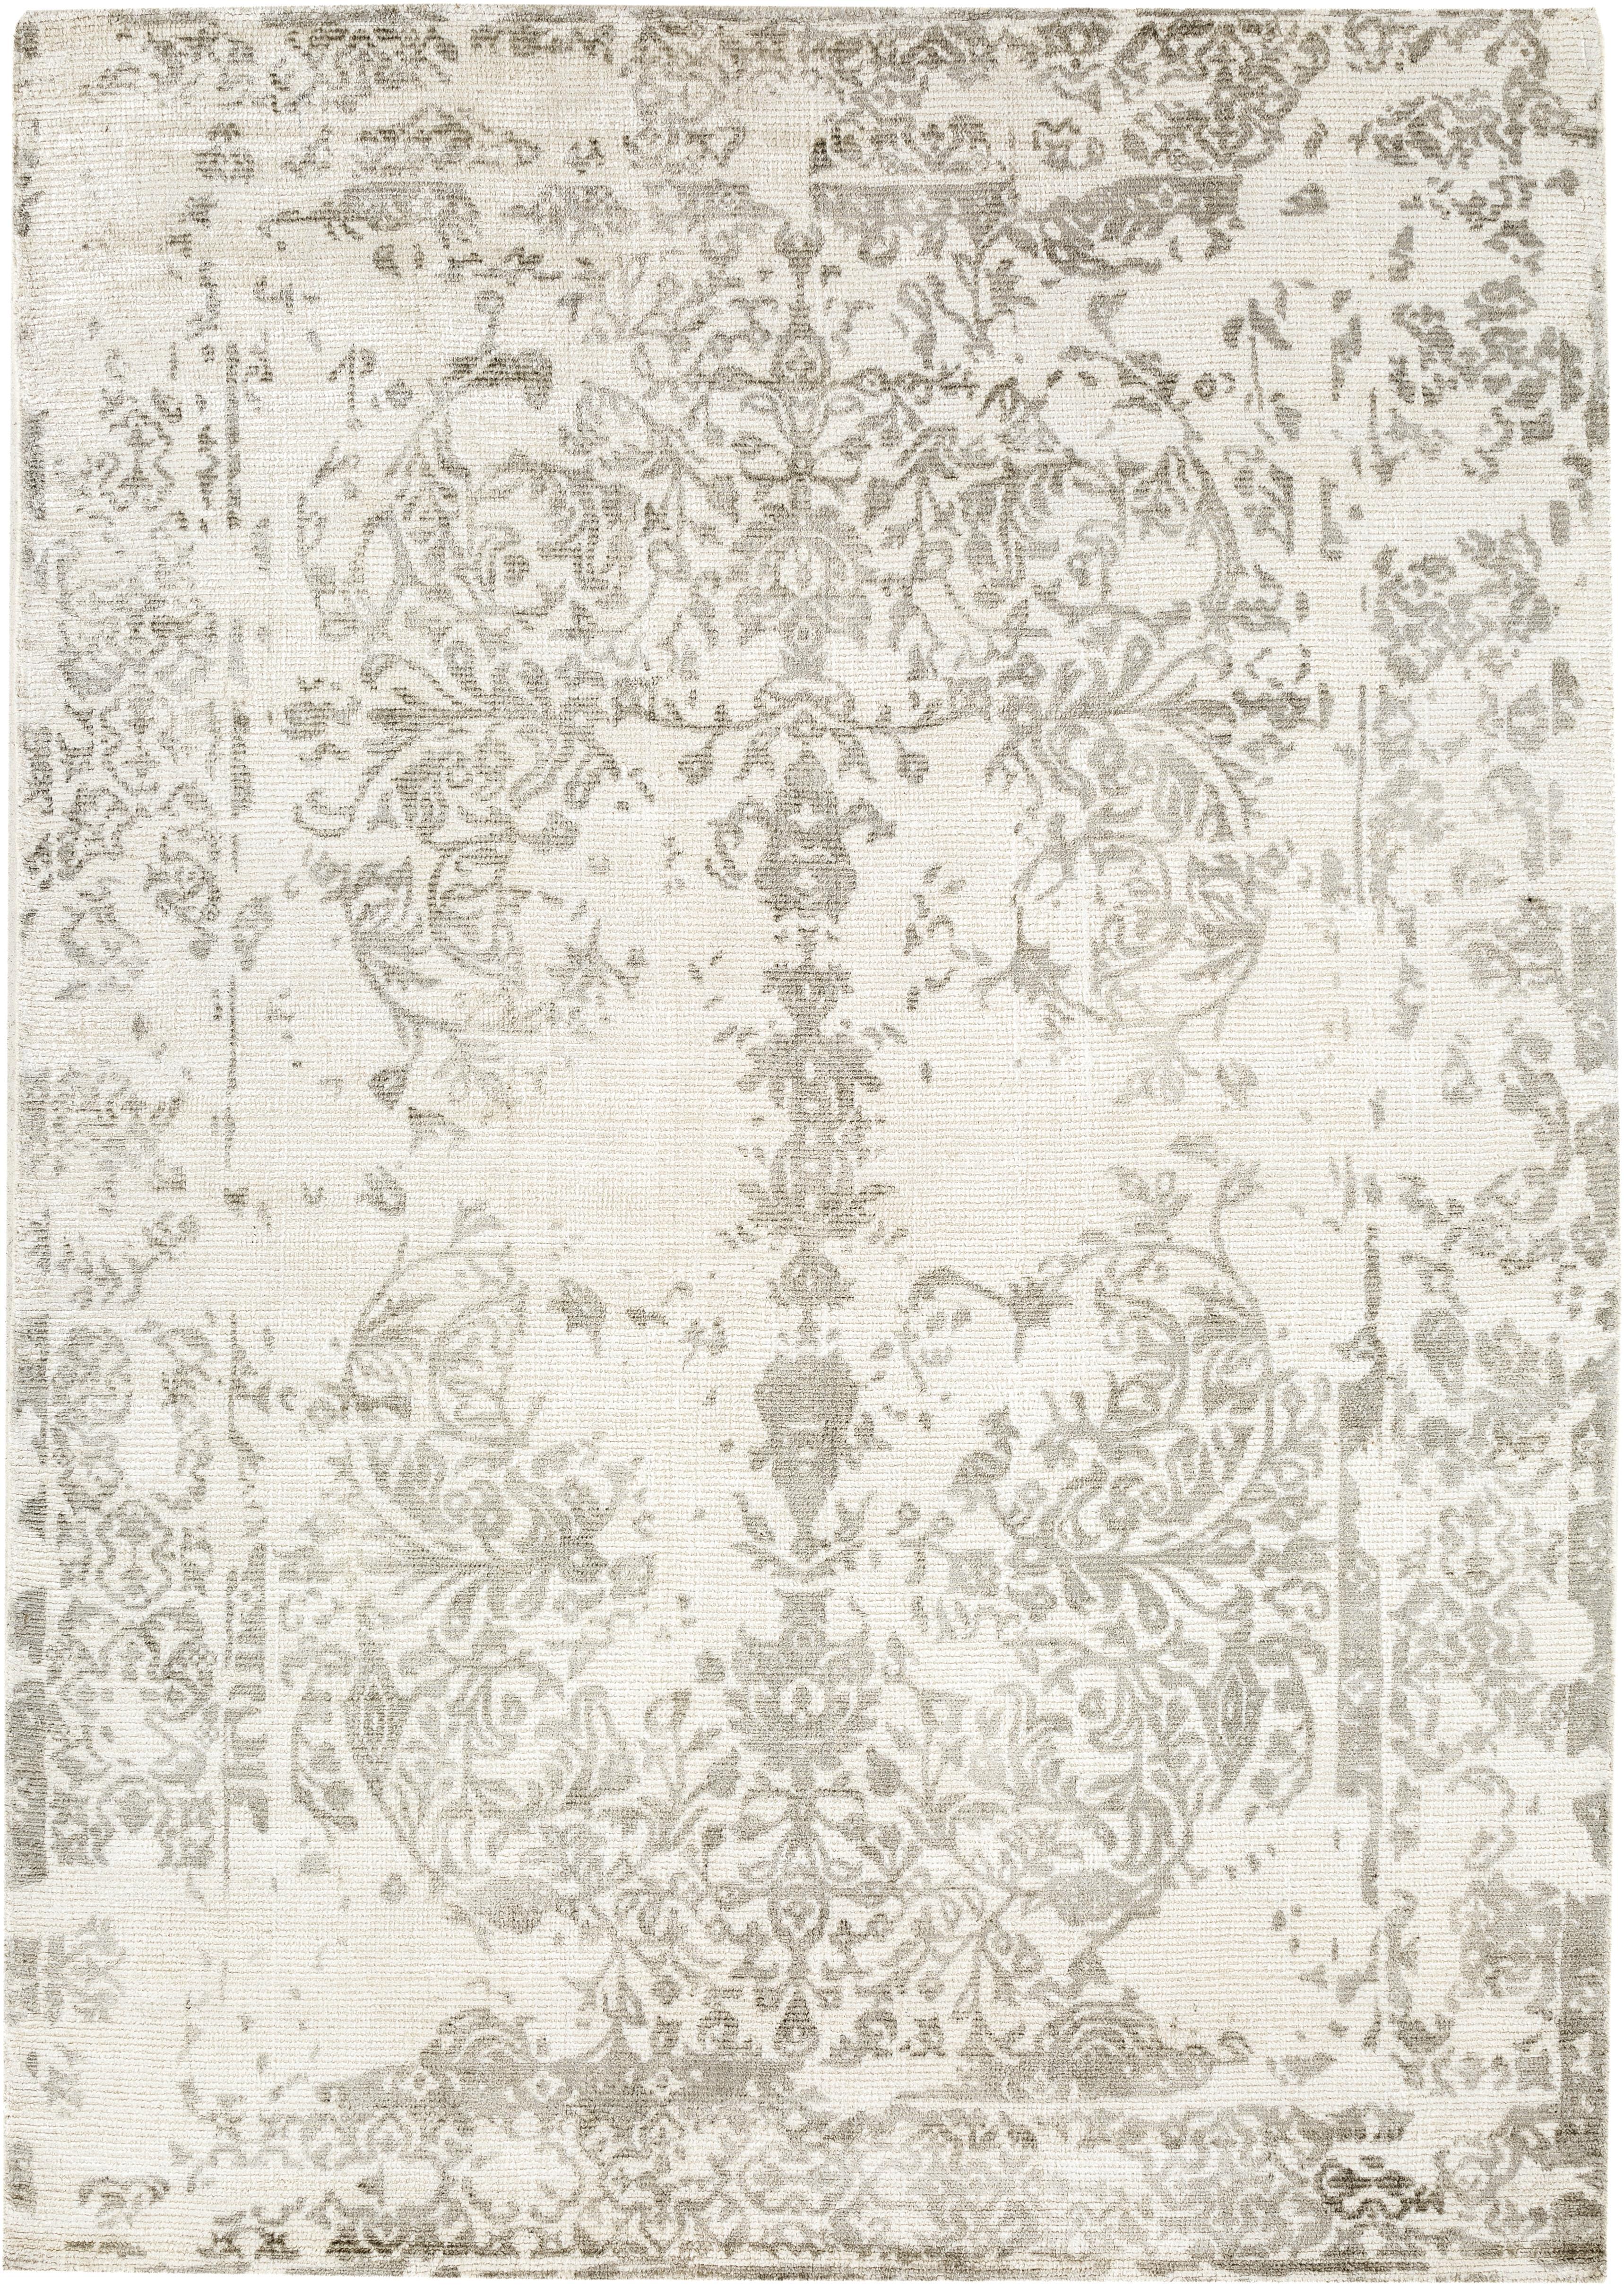 Vintage vloerkleed Florentine, wol/viscose, Beige, lichtgrijs, 140 x 200 cm